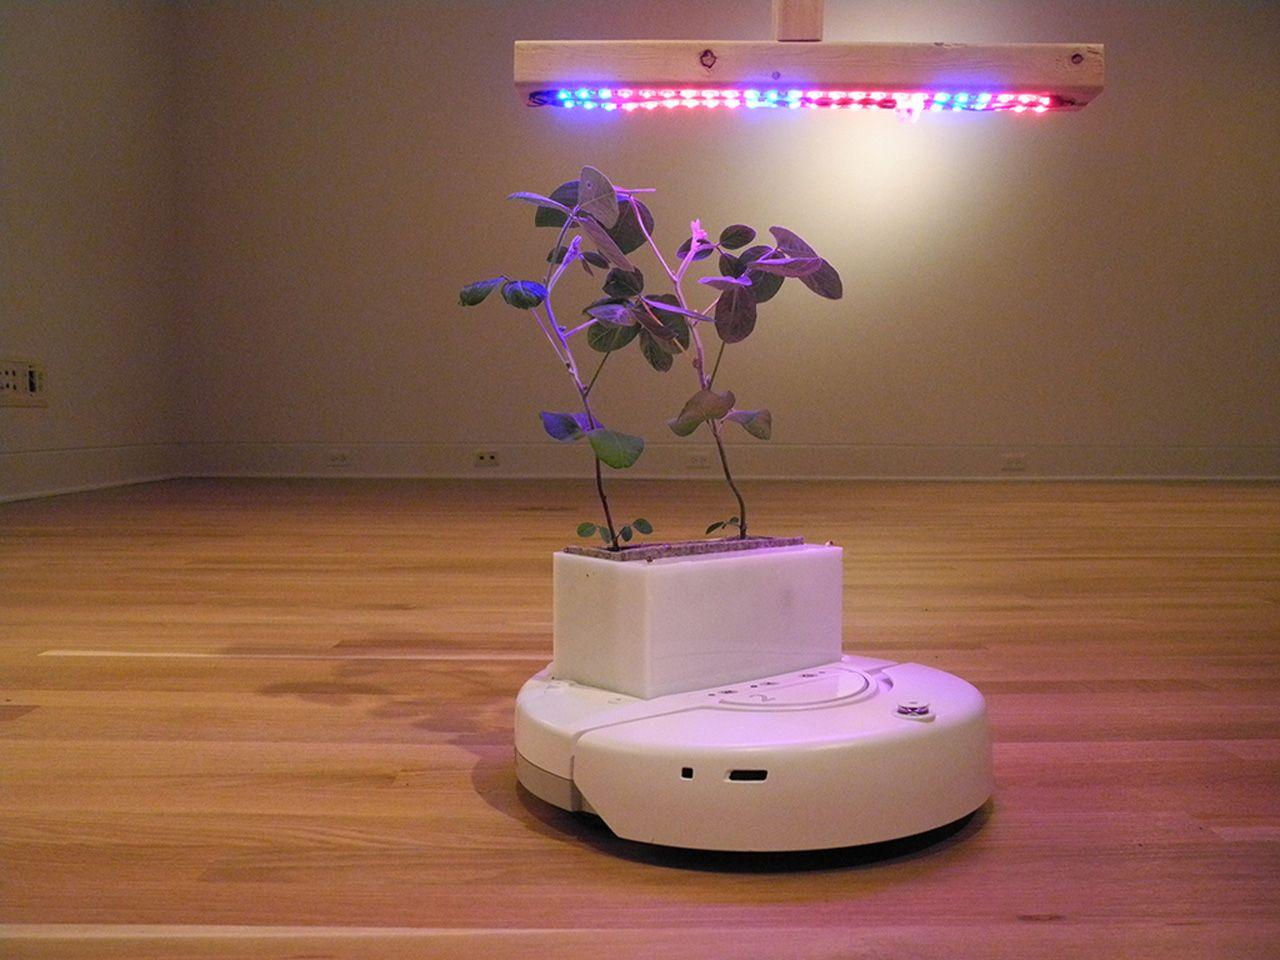 Pflanzen, die von Robotern in die optimale Lichquelle gesetzt werden, sind nur der Anfang eines starken Natur/Technik Systems.